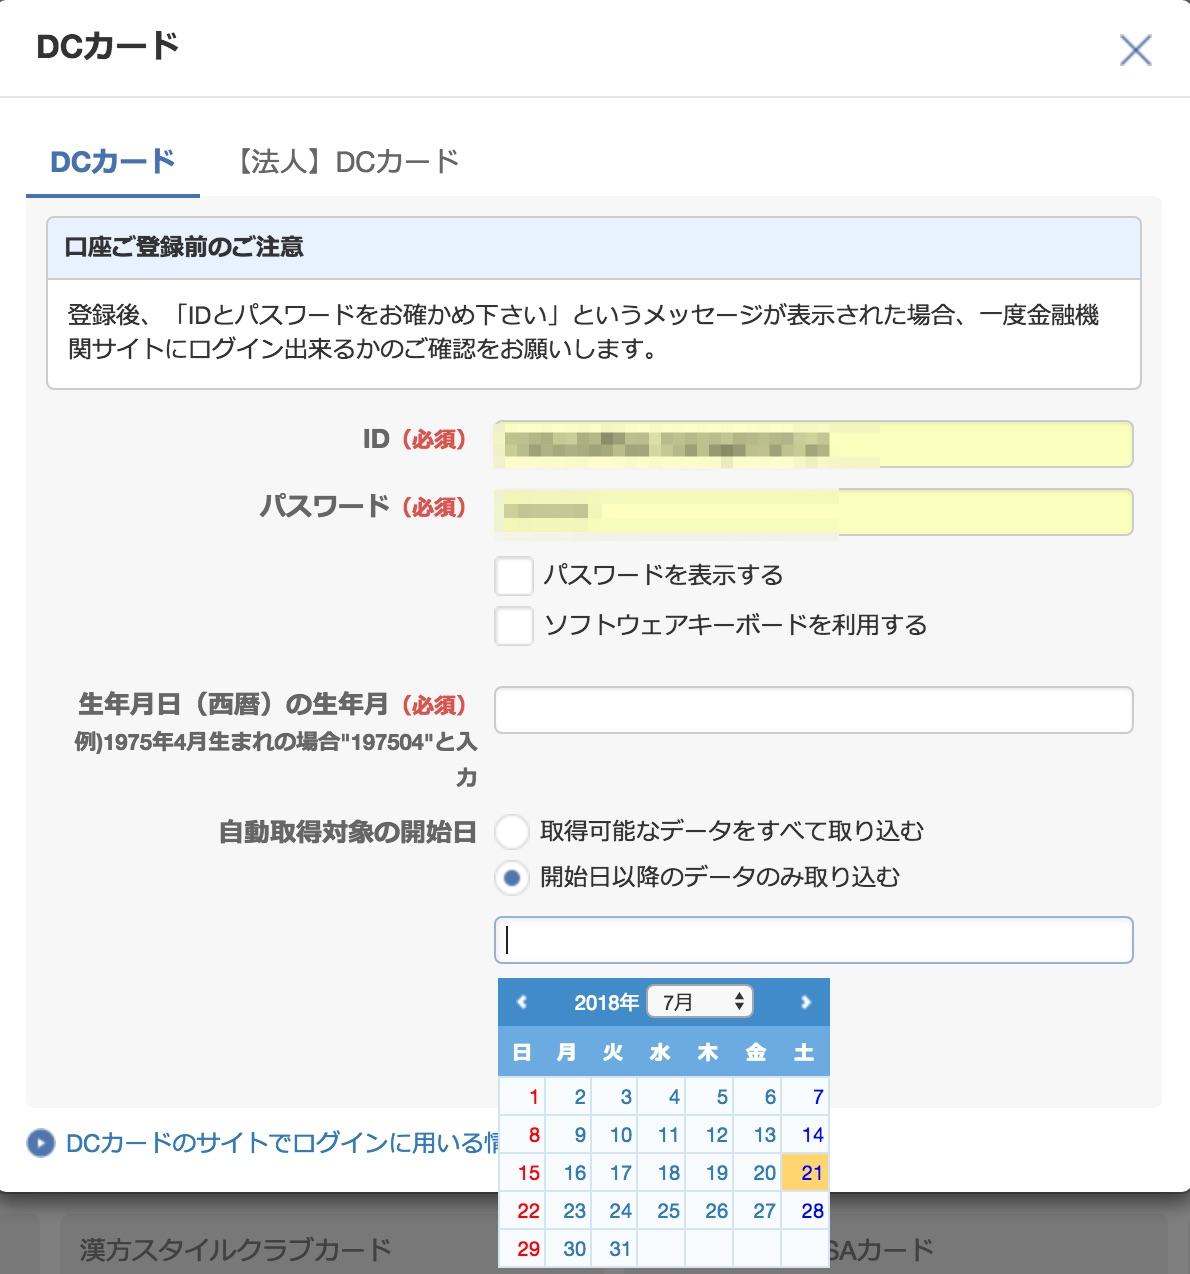 マネーフォワードクラウド会計・確定申告-銀行口座の登録(個人口座)4